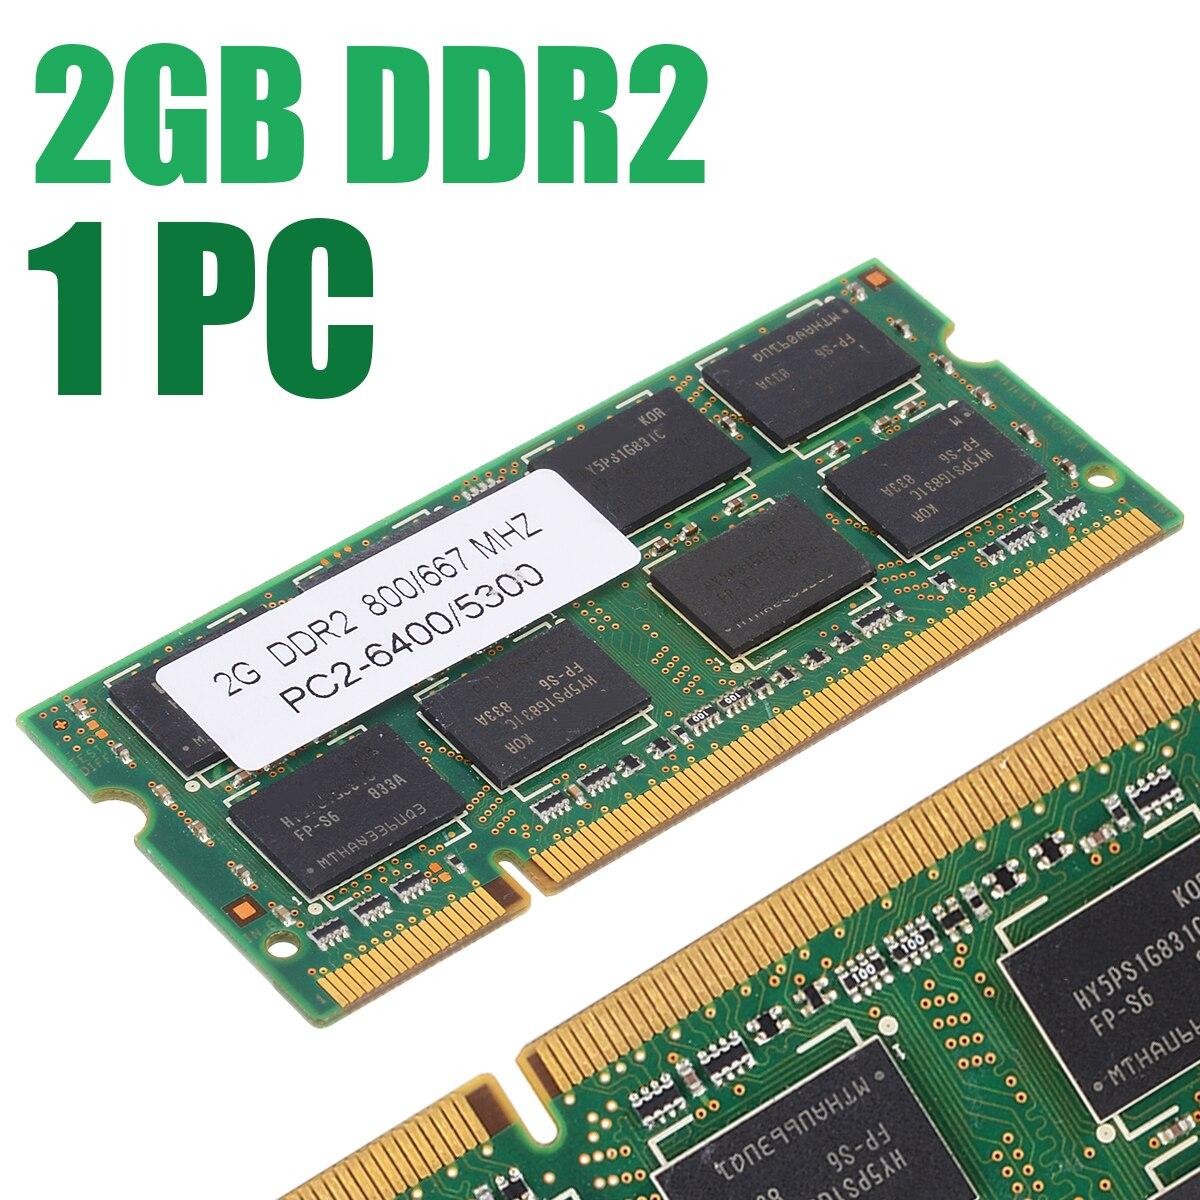 800/667 mhz 2 gb ddr2 memória de baixa densidade 200pin computador portátil memória pc2 6400/5300 ram para dell sony toshiba 1.8 v cl5